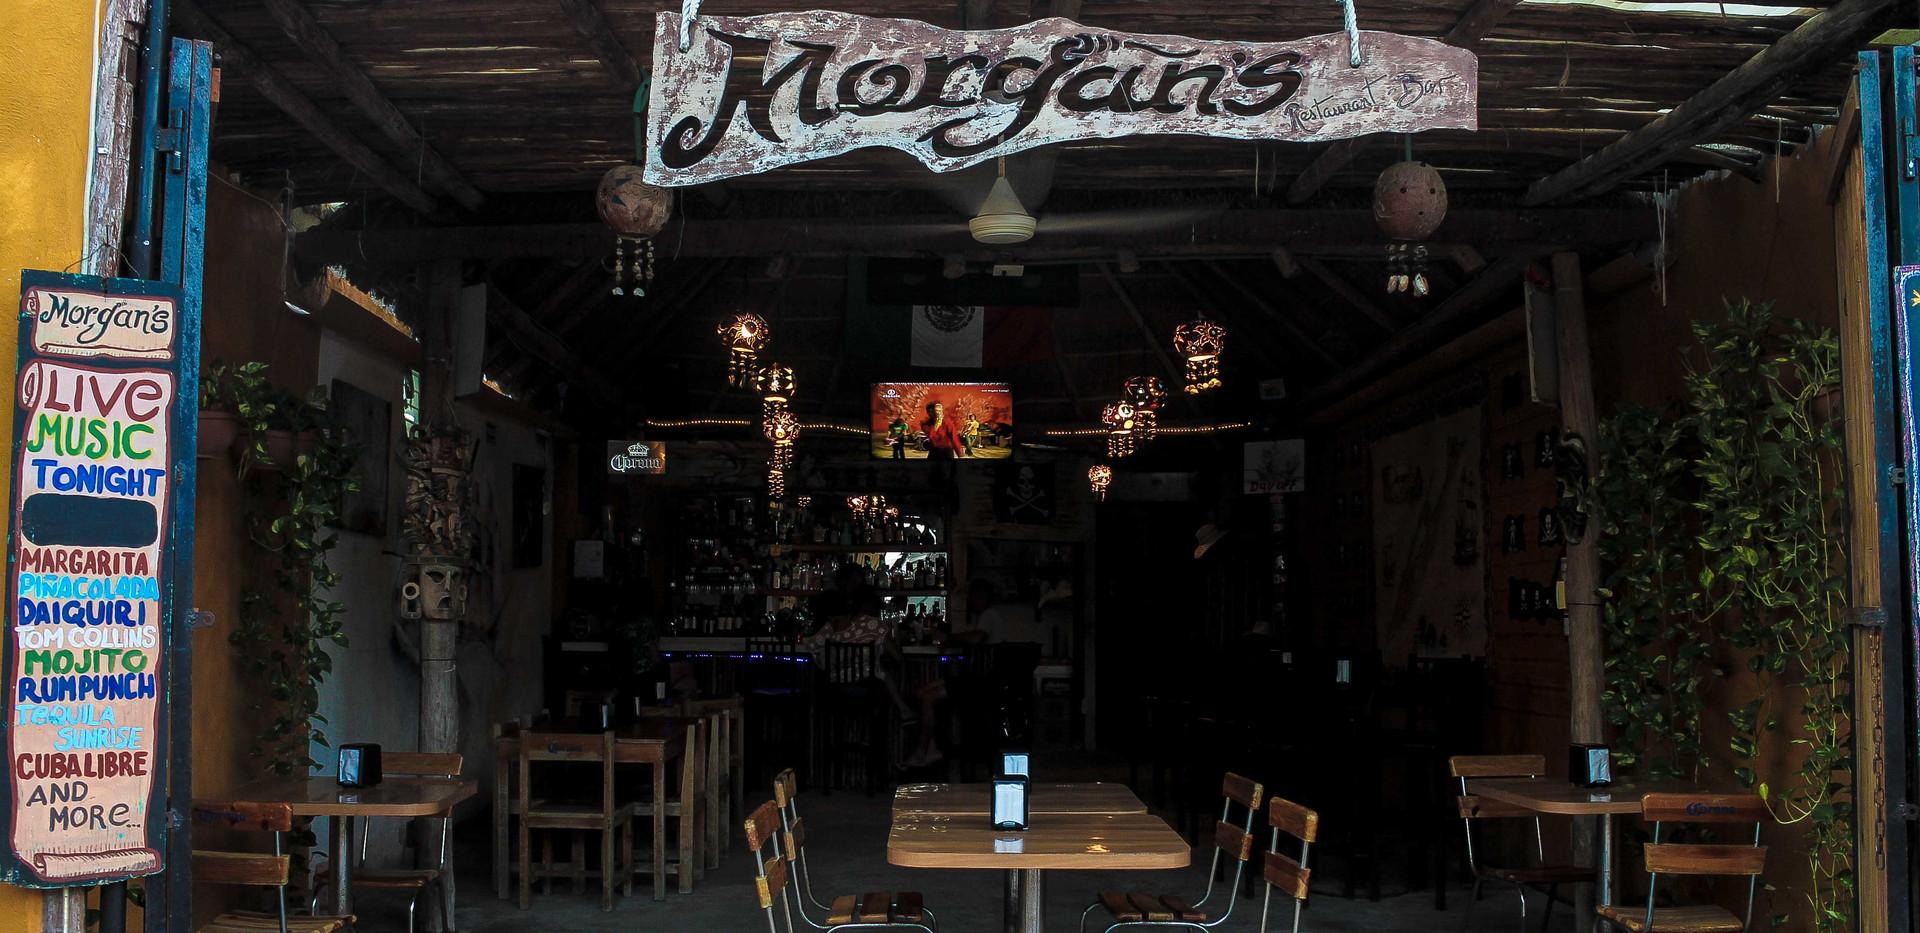 Morgans1-tasteofisla-islamujeres-food-ta